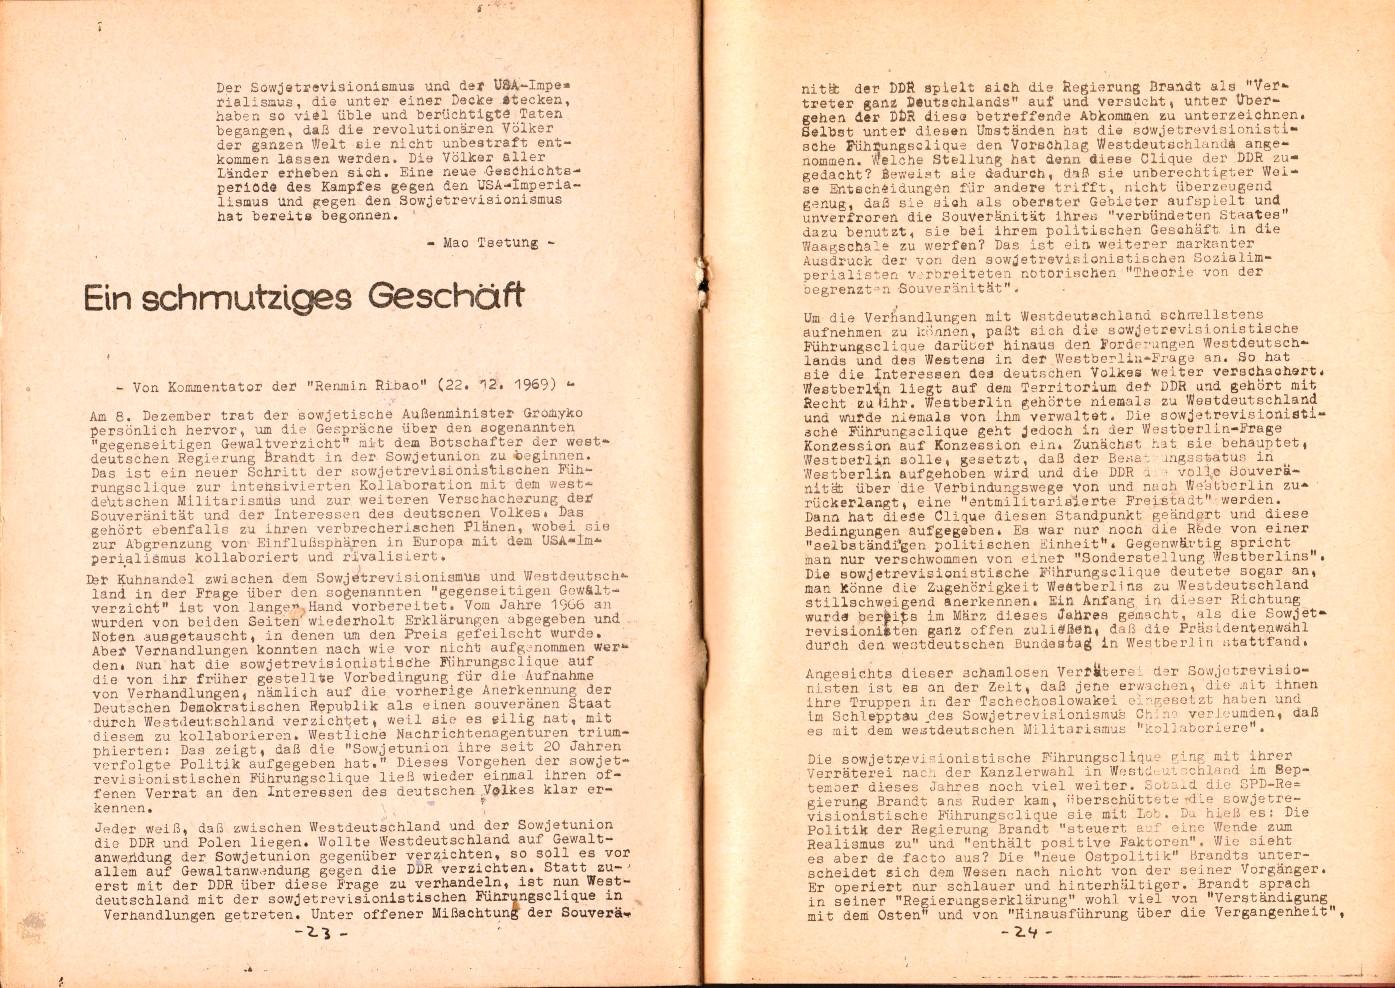 KPDML_1970_Der_sowjetisch_westdeutsche_Vertrag_15